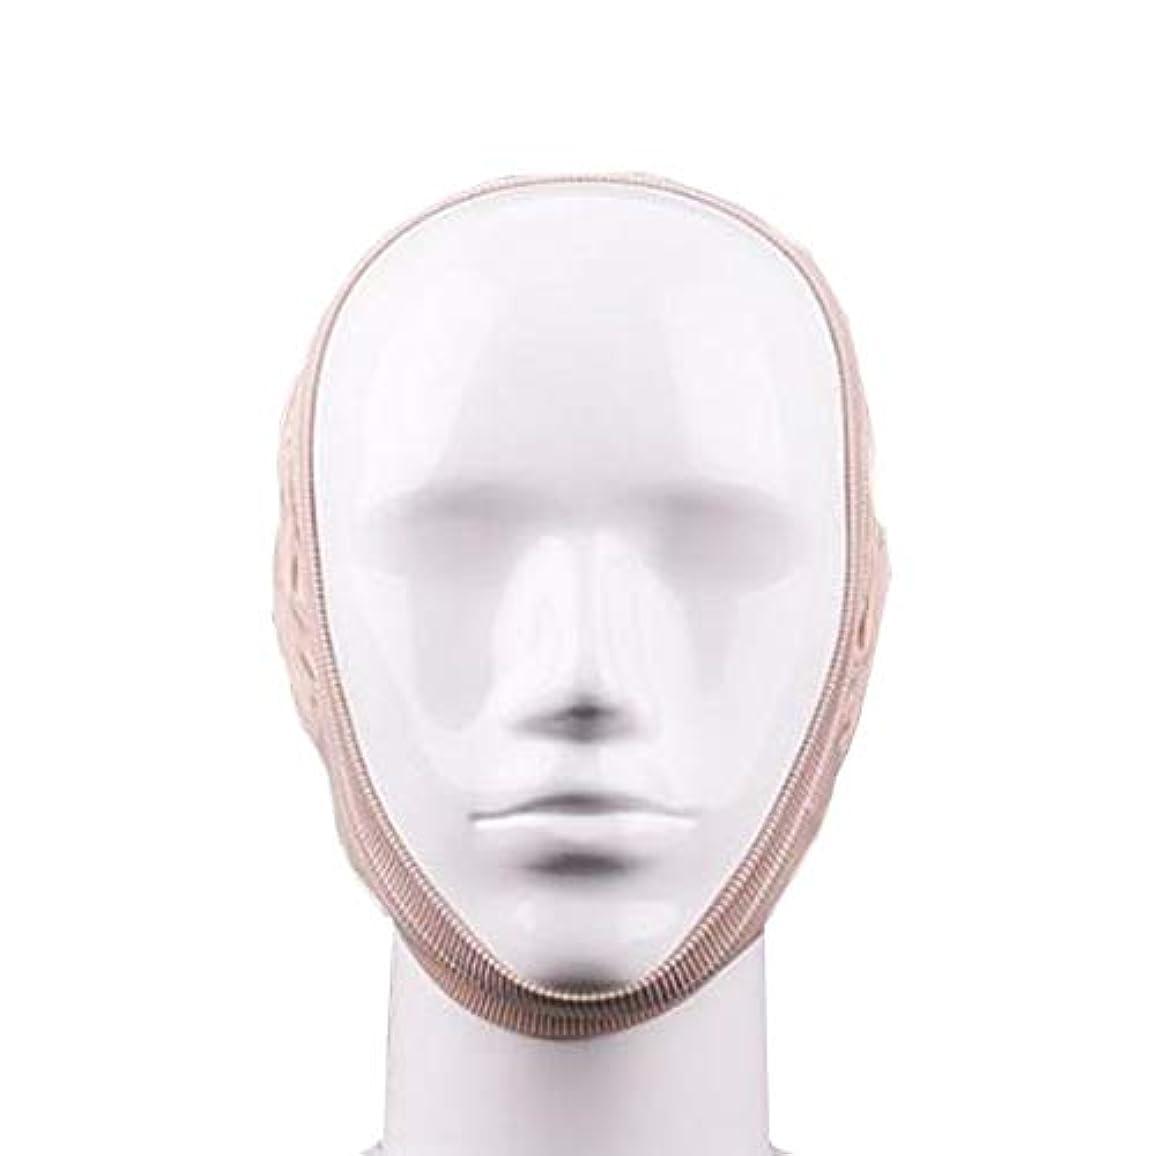 ホース欠点特派員ZWBD フェイスマスク, 顔の包帯の形成を強化するための術後回復包帯リフティングシェイプマスクを刻むVフェイスアーティファクトスモールフェイスマスクライン (Color : B)